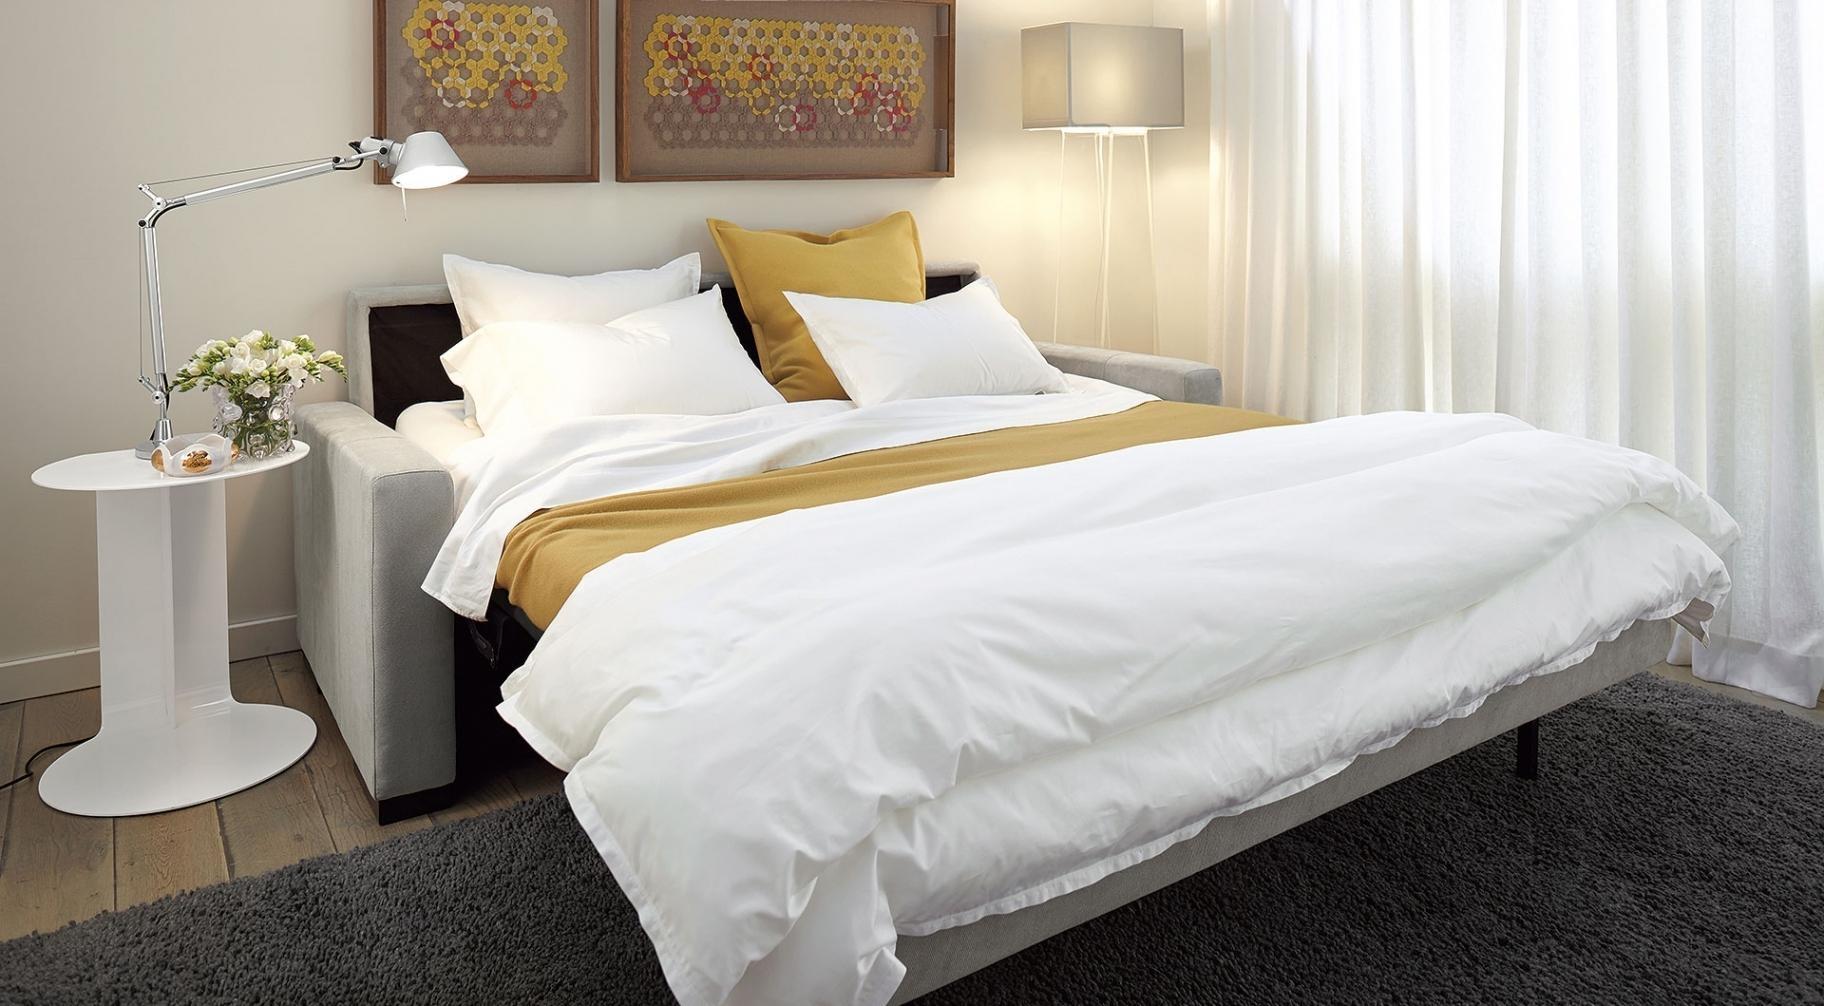 New Room And Board Sleeper Sofa | Sofa Ideas With Room And Board Comfort Sleepers (View 12 of 20)